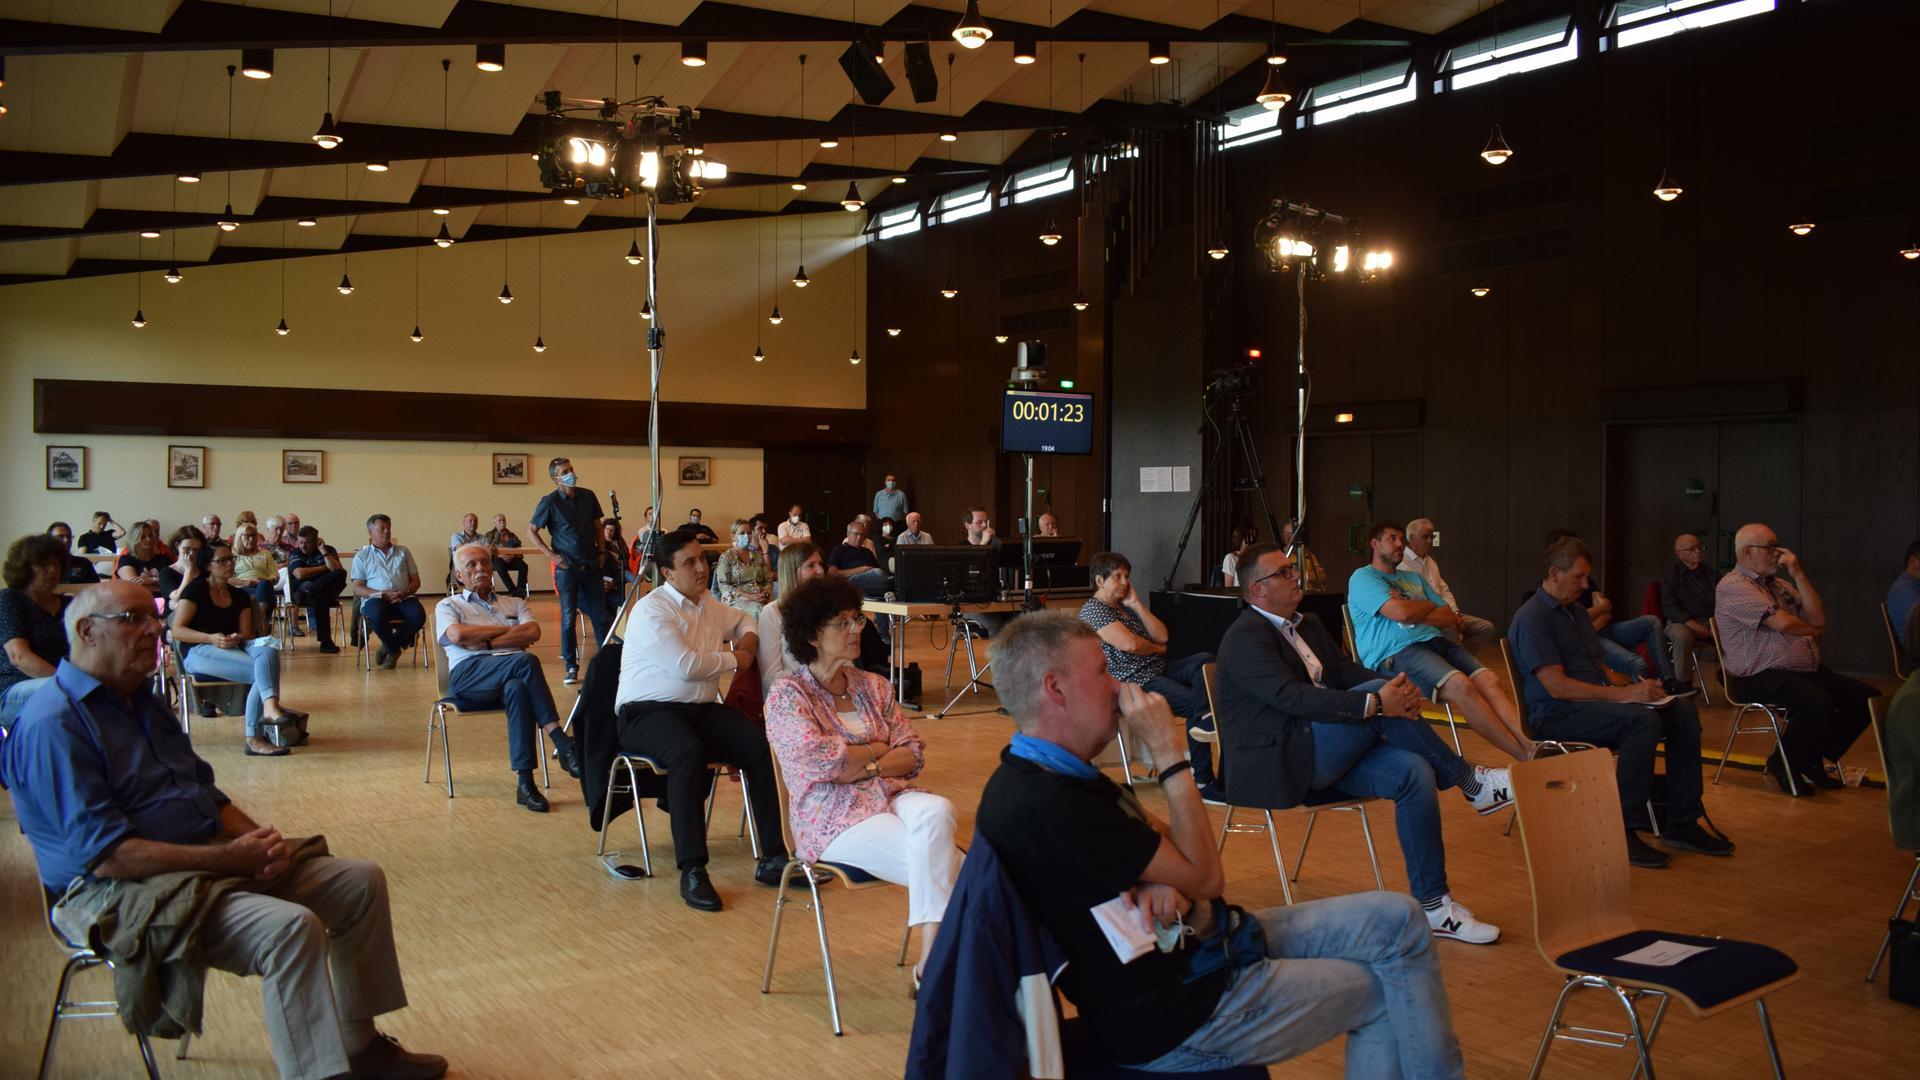 Interessierte Zuhörer: Rund 40 Bürger kamen zu der Kandidatenvorstellung am Mittwochabend im Klosterhof in Völkersbach.